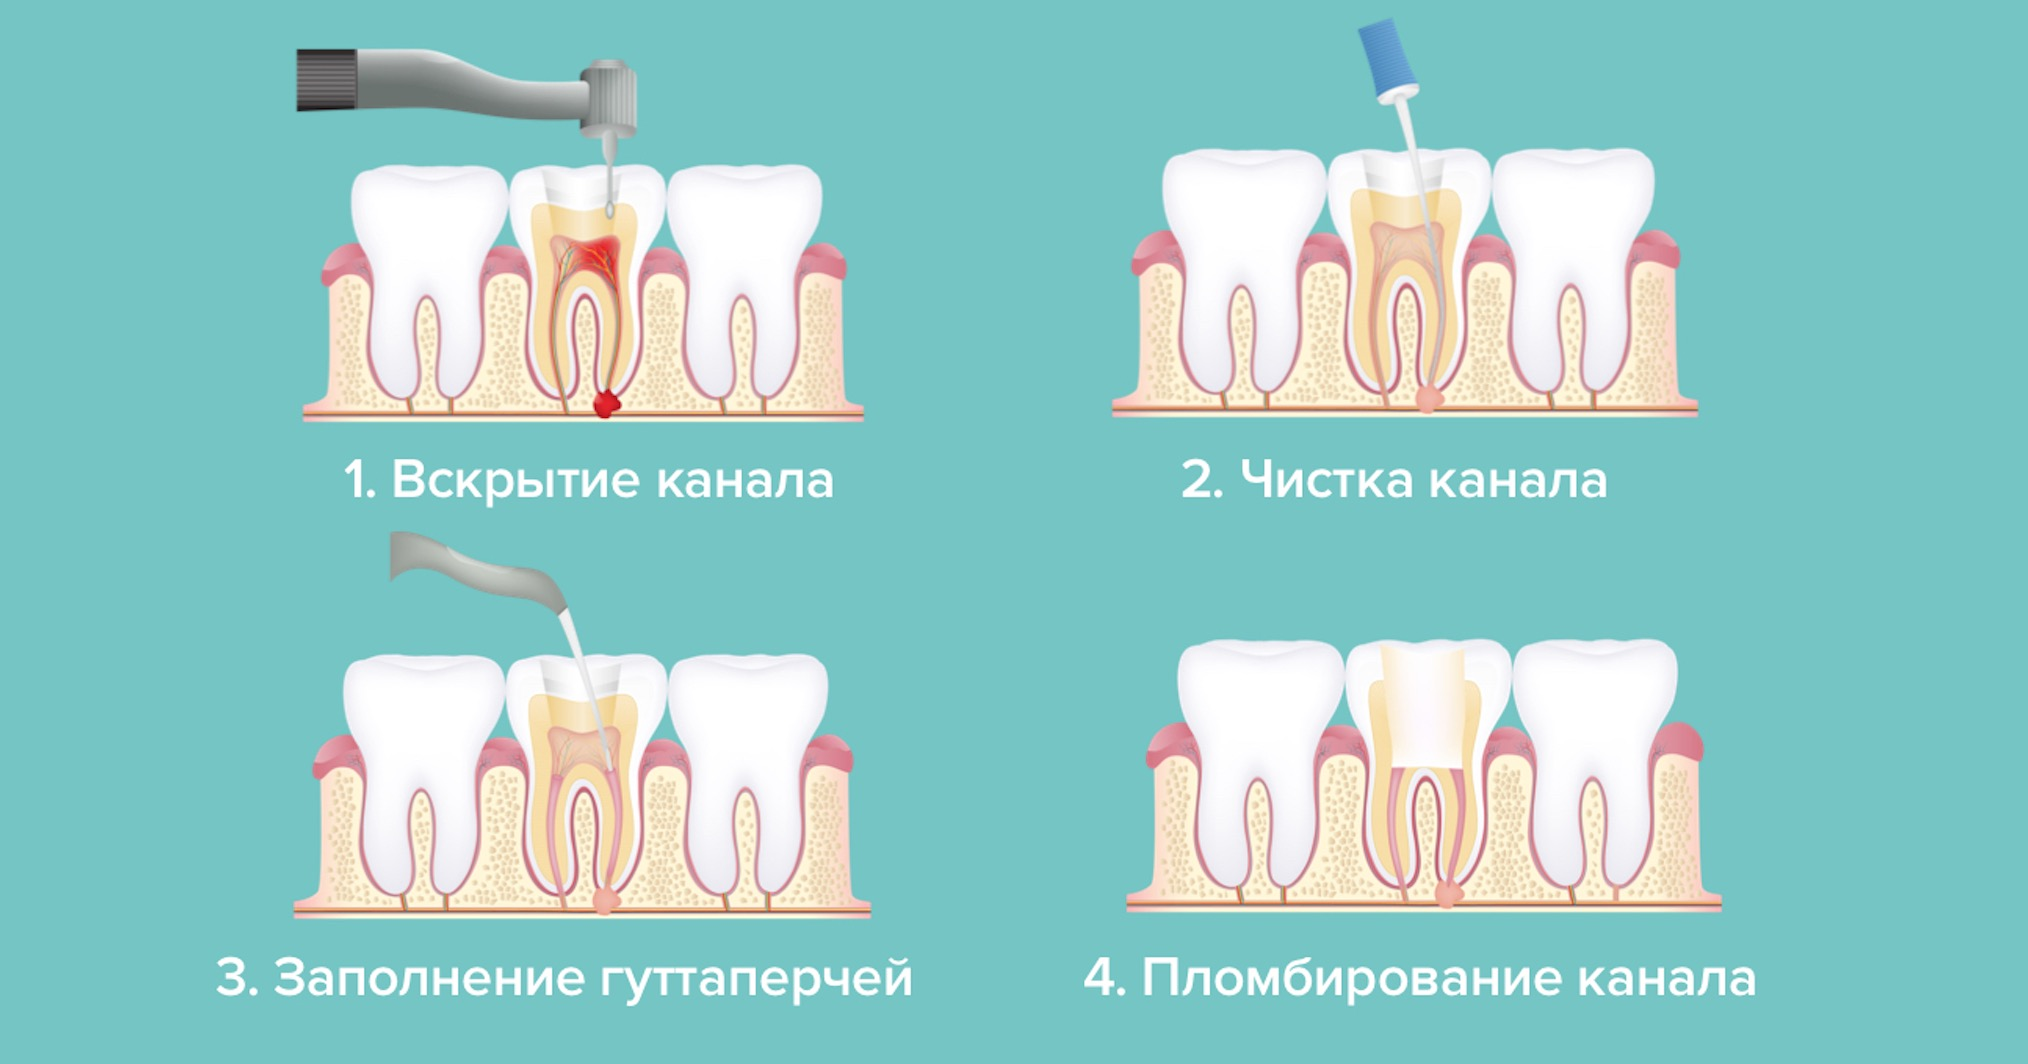 Этапы лечения каналов зуба